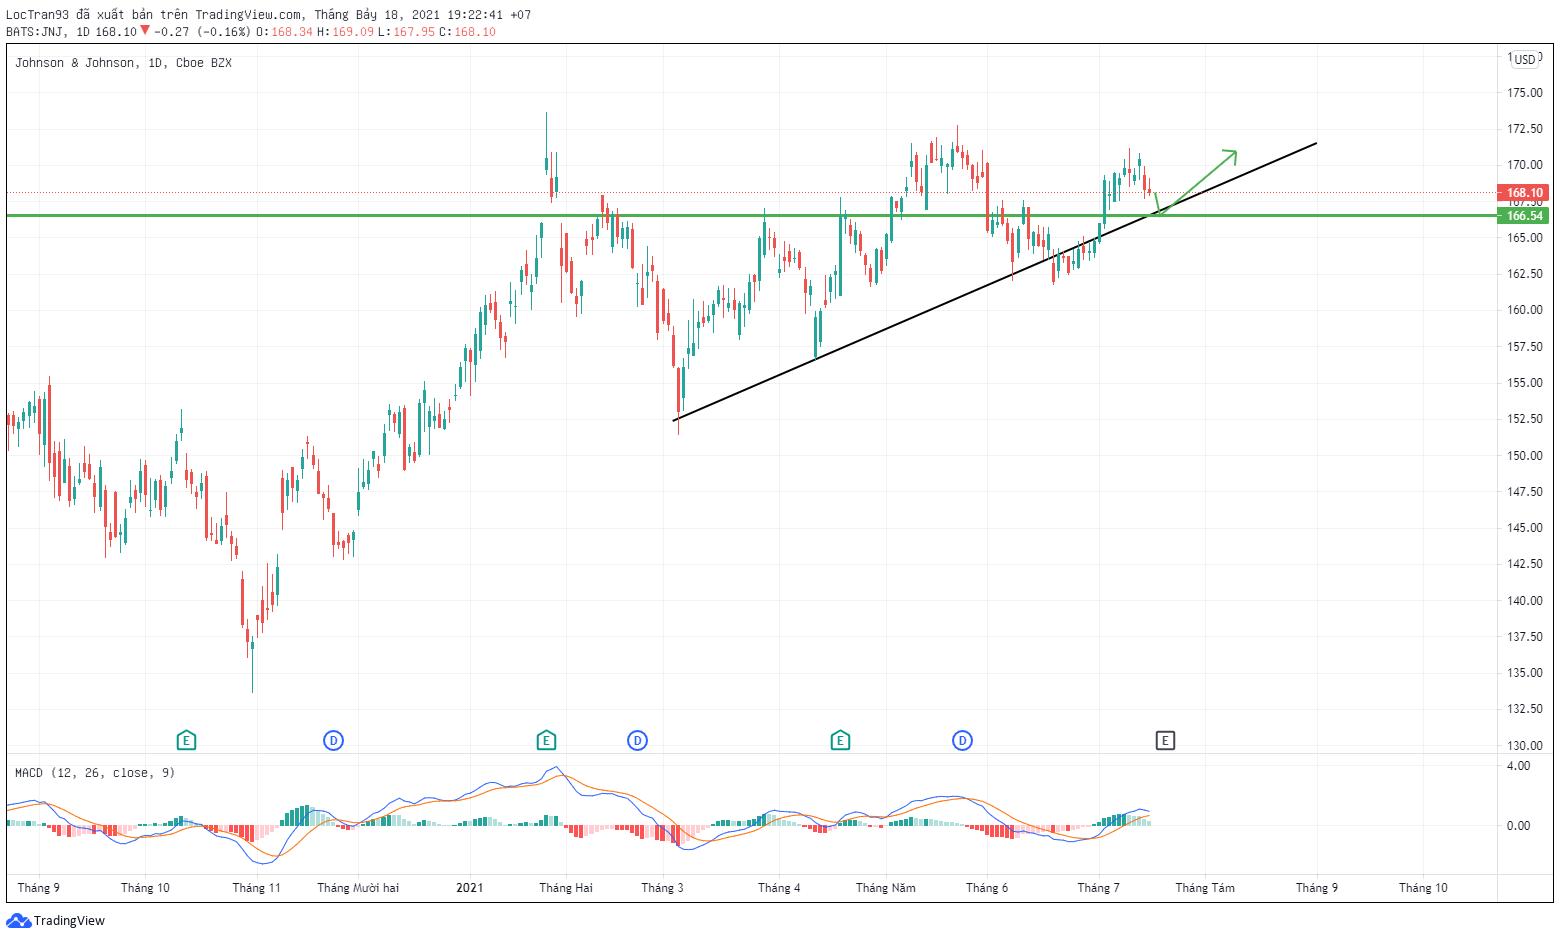 Cổ phiếu JNJ vẫn đang trên xu hướng tăng rất rõ ràng